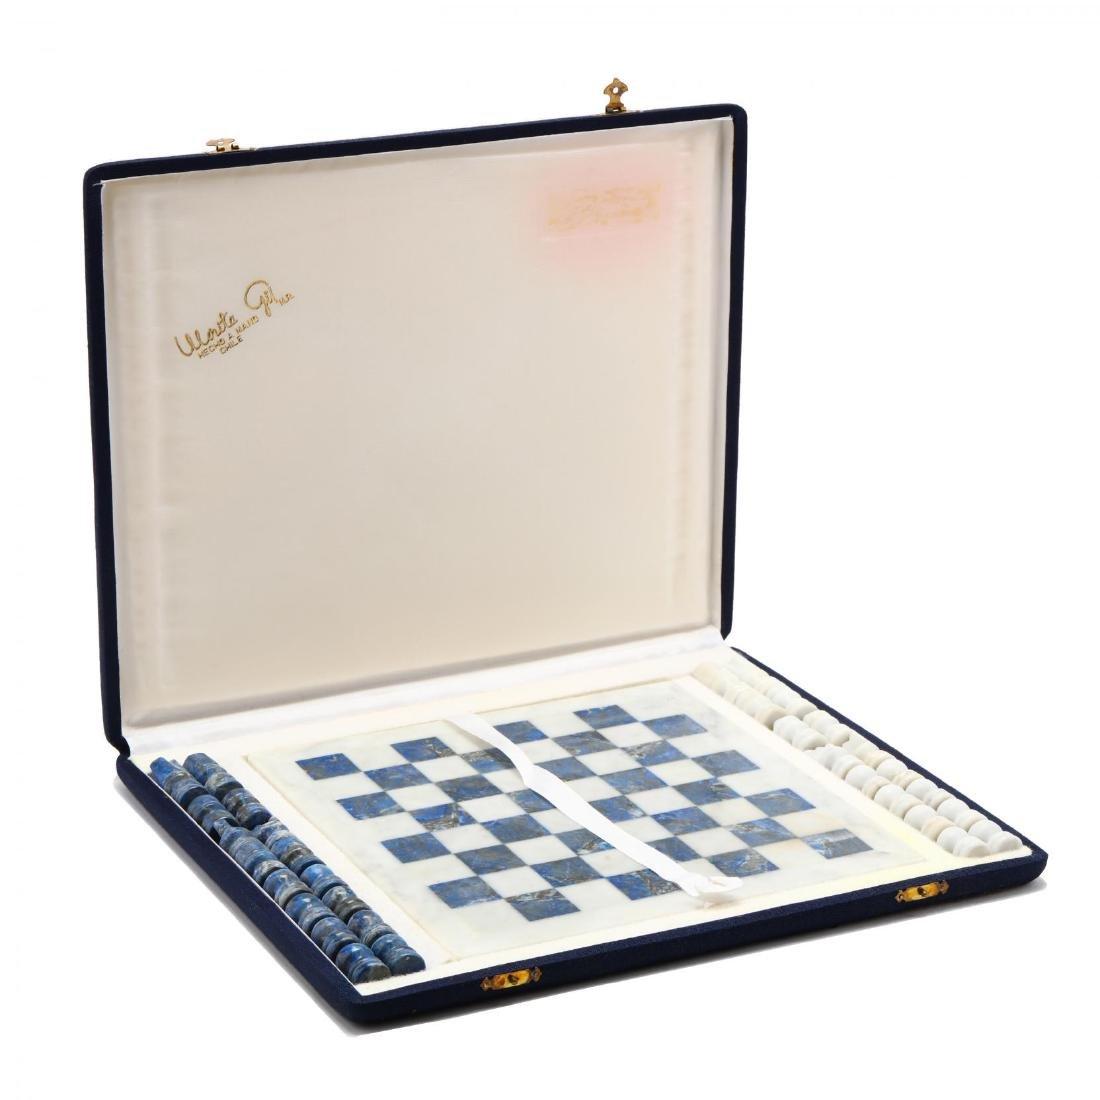 Lapis Lazuli and White Marble Chess Set, Morita Gil - 2